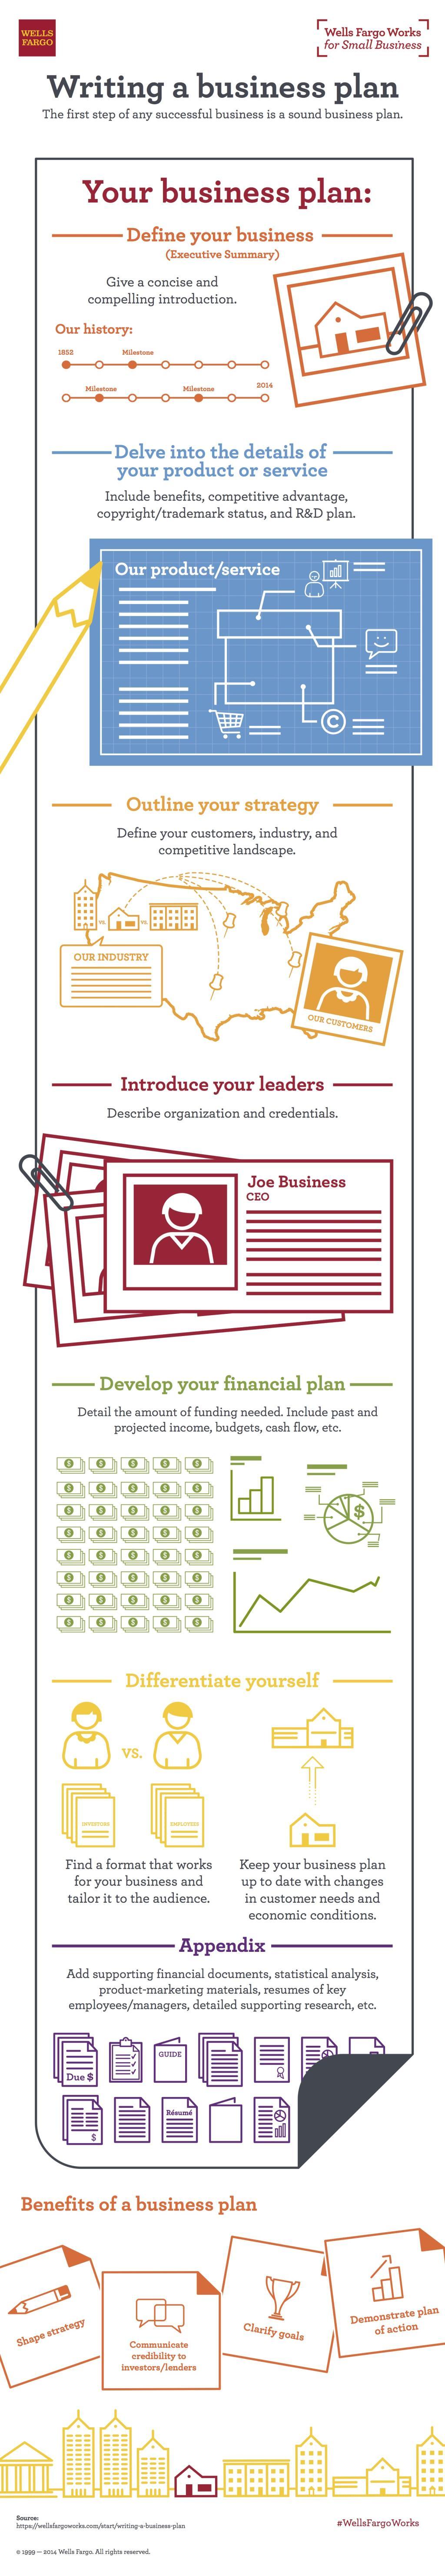 wells fargo download business plan